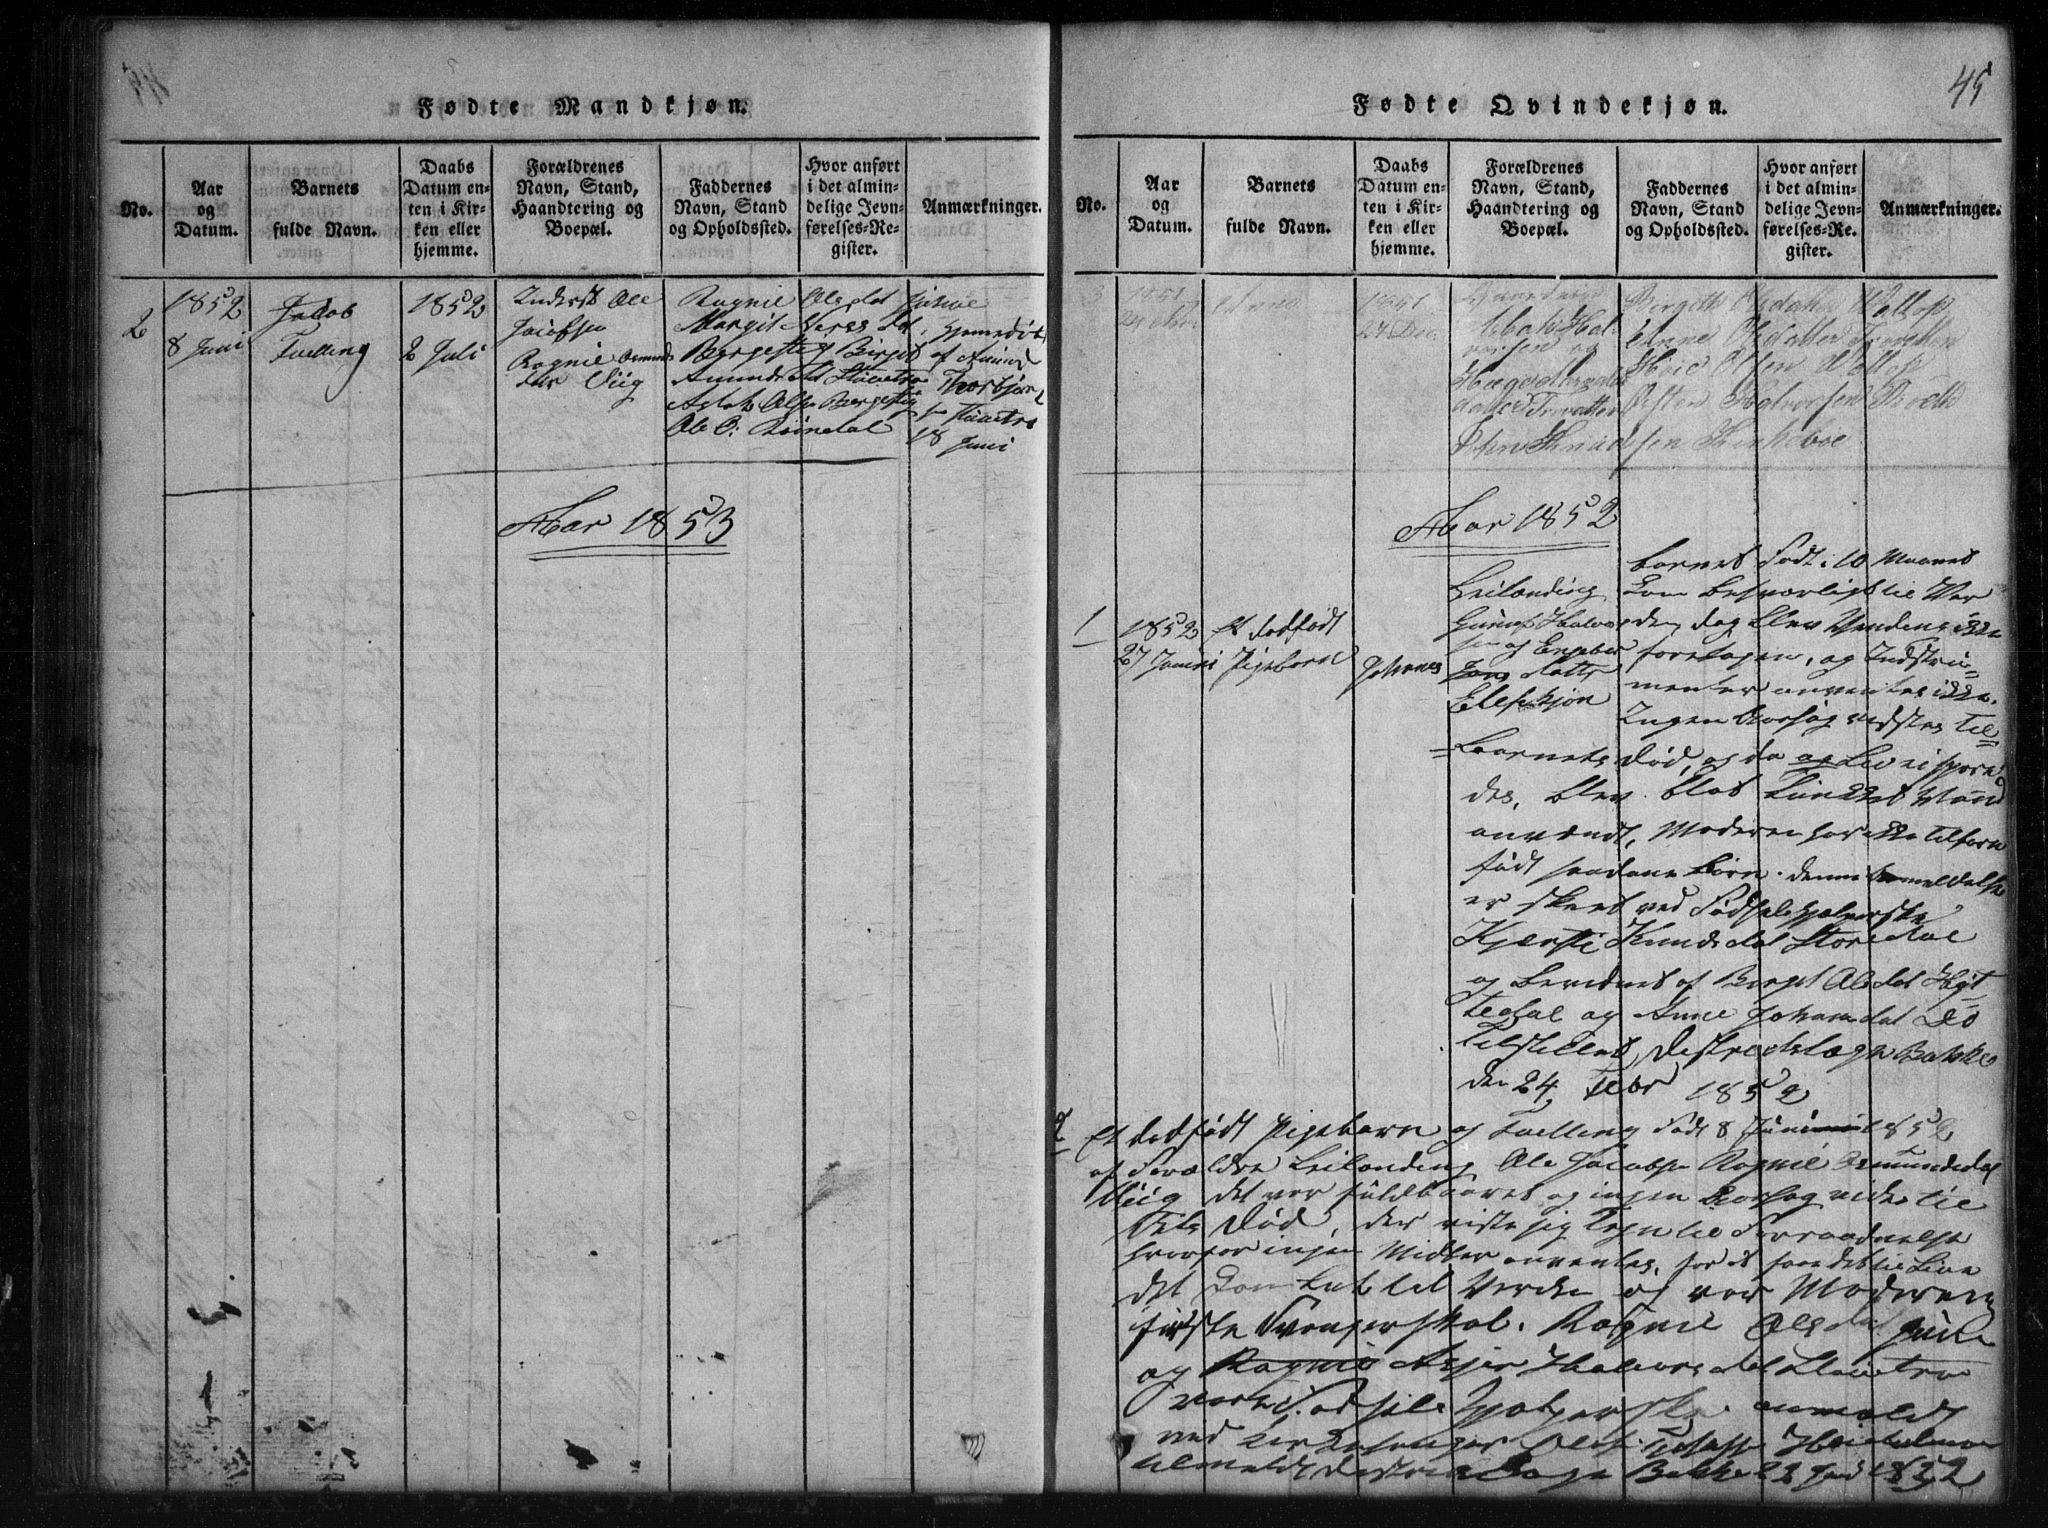 SAKO, Rauland kirkebøker, G/Gb/L0001: Klokkerbok nr. II 1, 1815-1886, s. 45